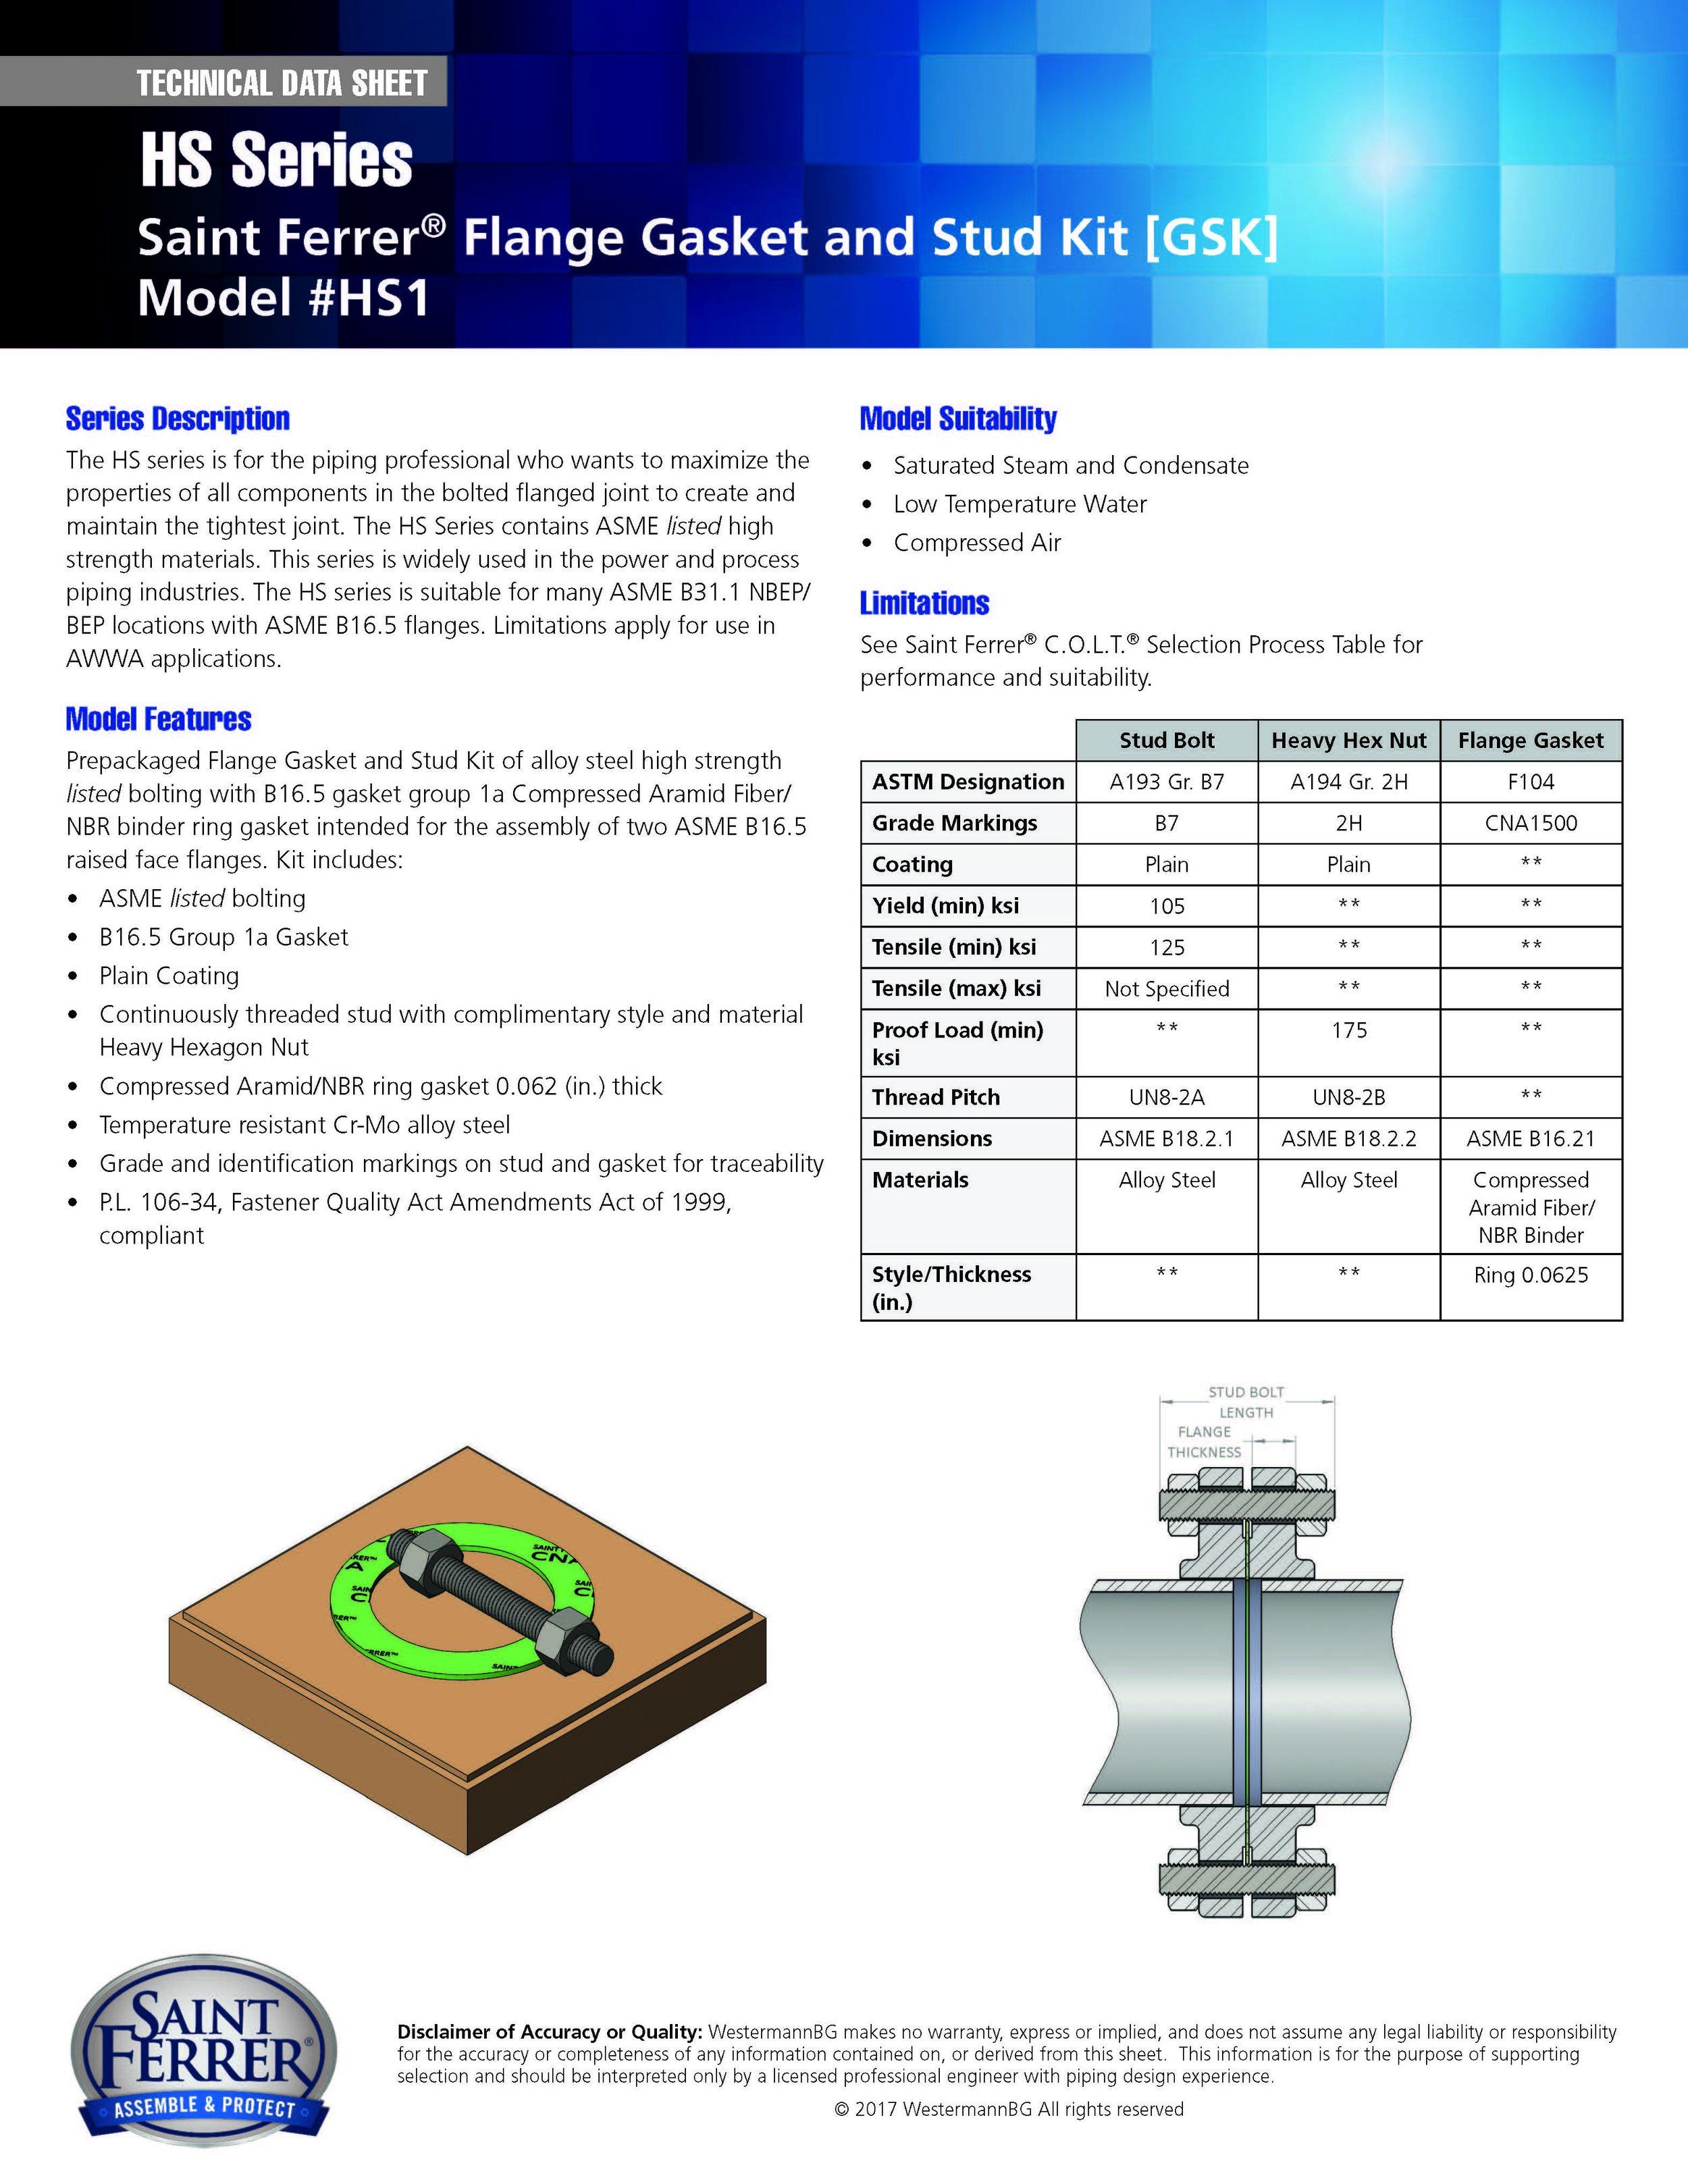 SF_Data_Sheet_HS_Series_HS1.jpg